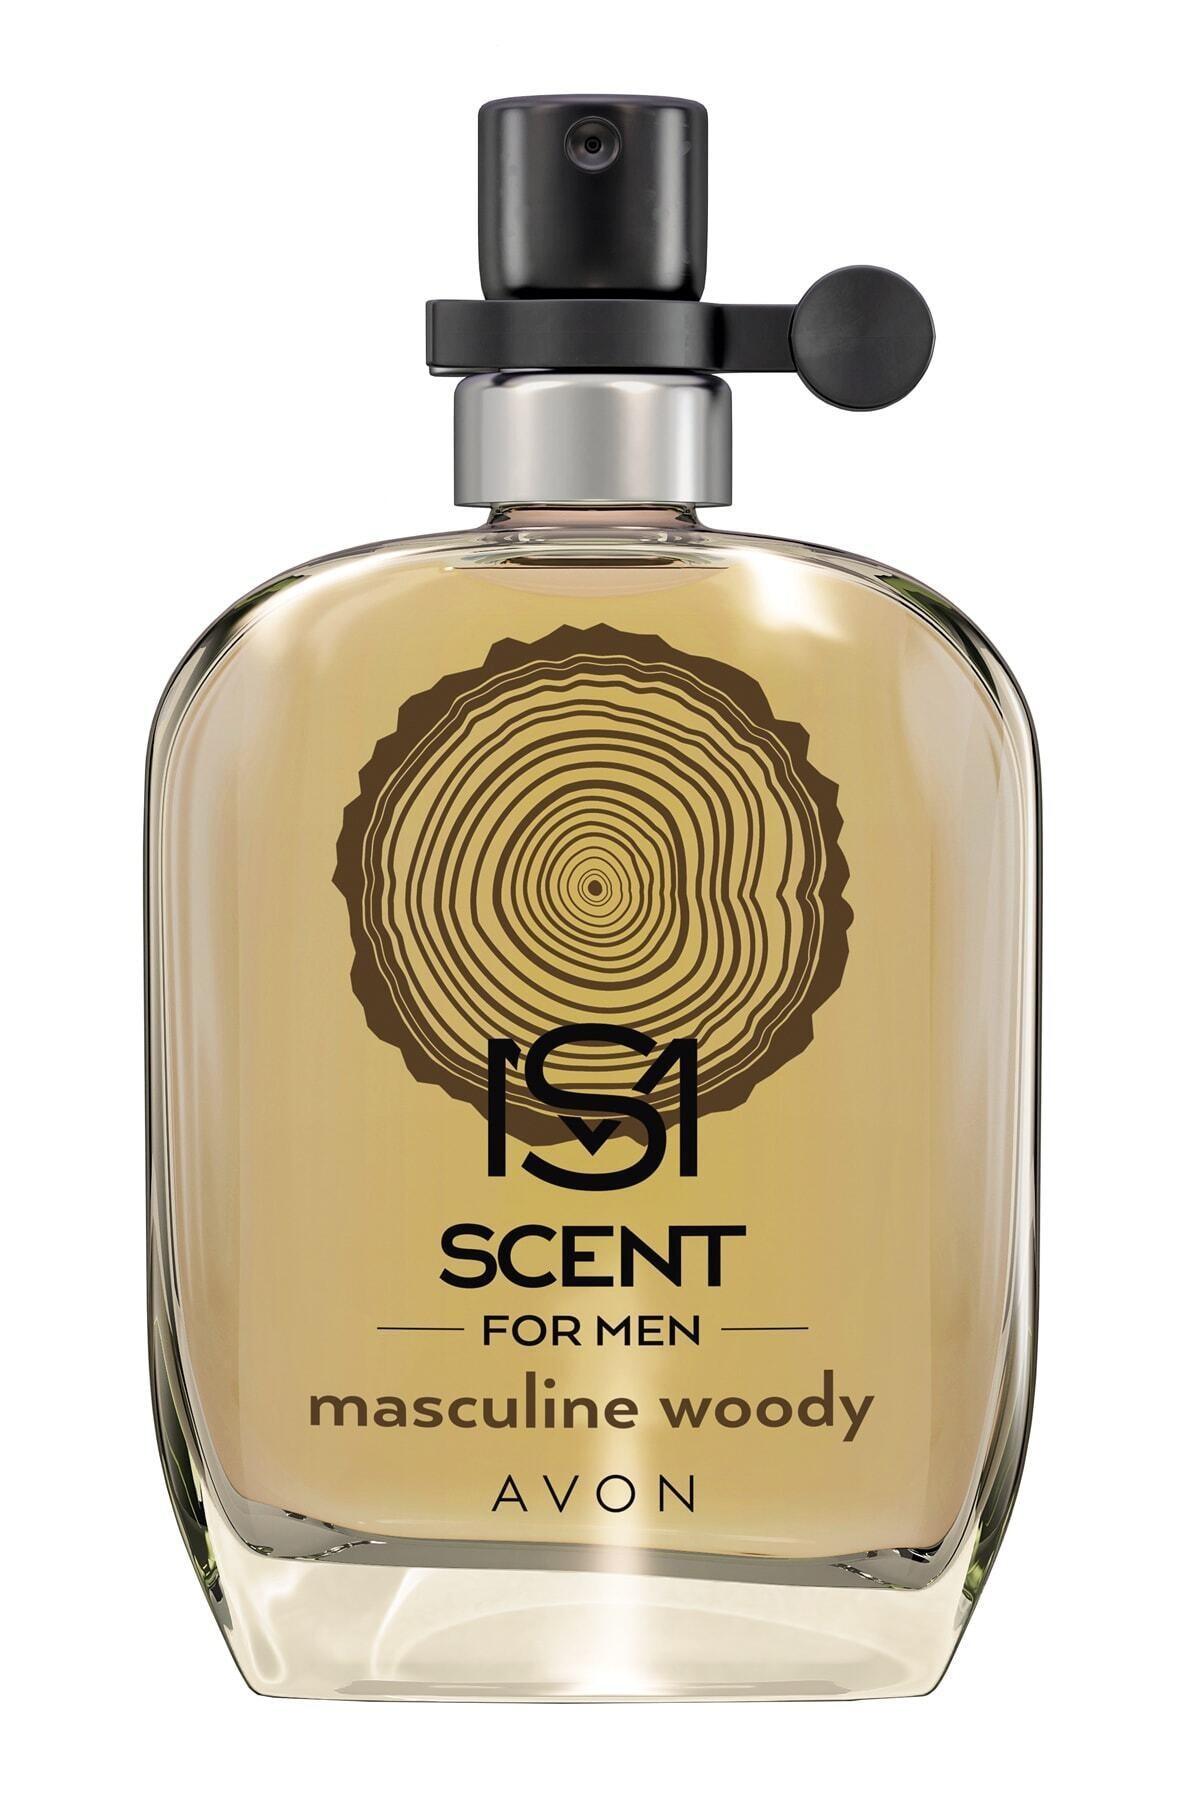 AVON Scent Masculine Woody Edt 30 ml Erkek Parfümü 5059018009234 1